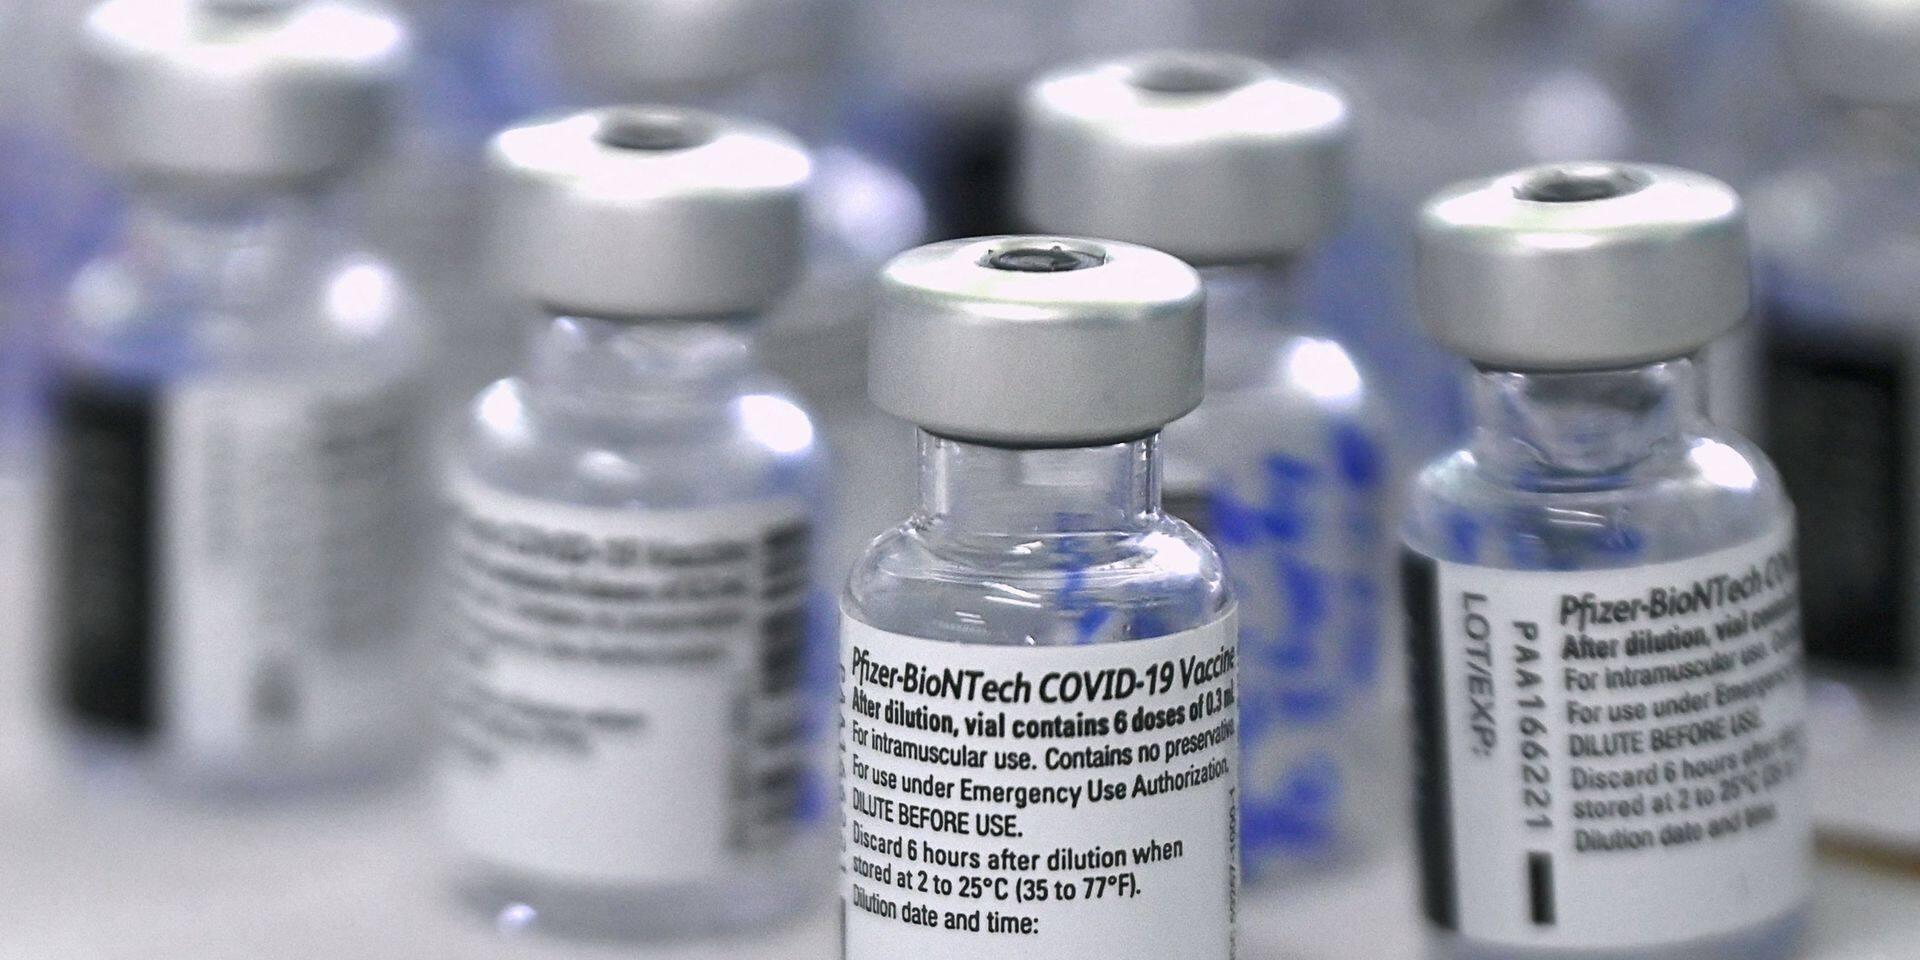 La livraison anticipée de Pfizer/BioNTech ne modifie pas la stratégie de vaccination